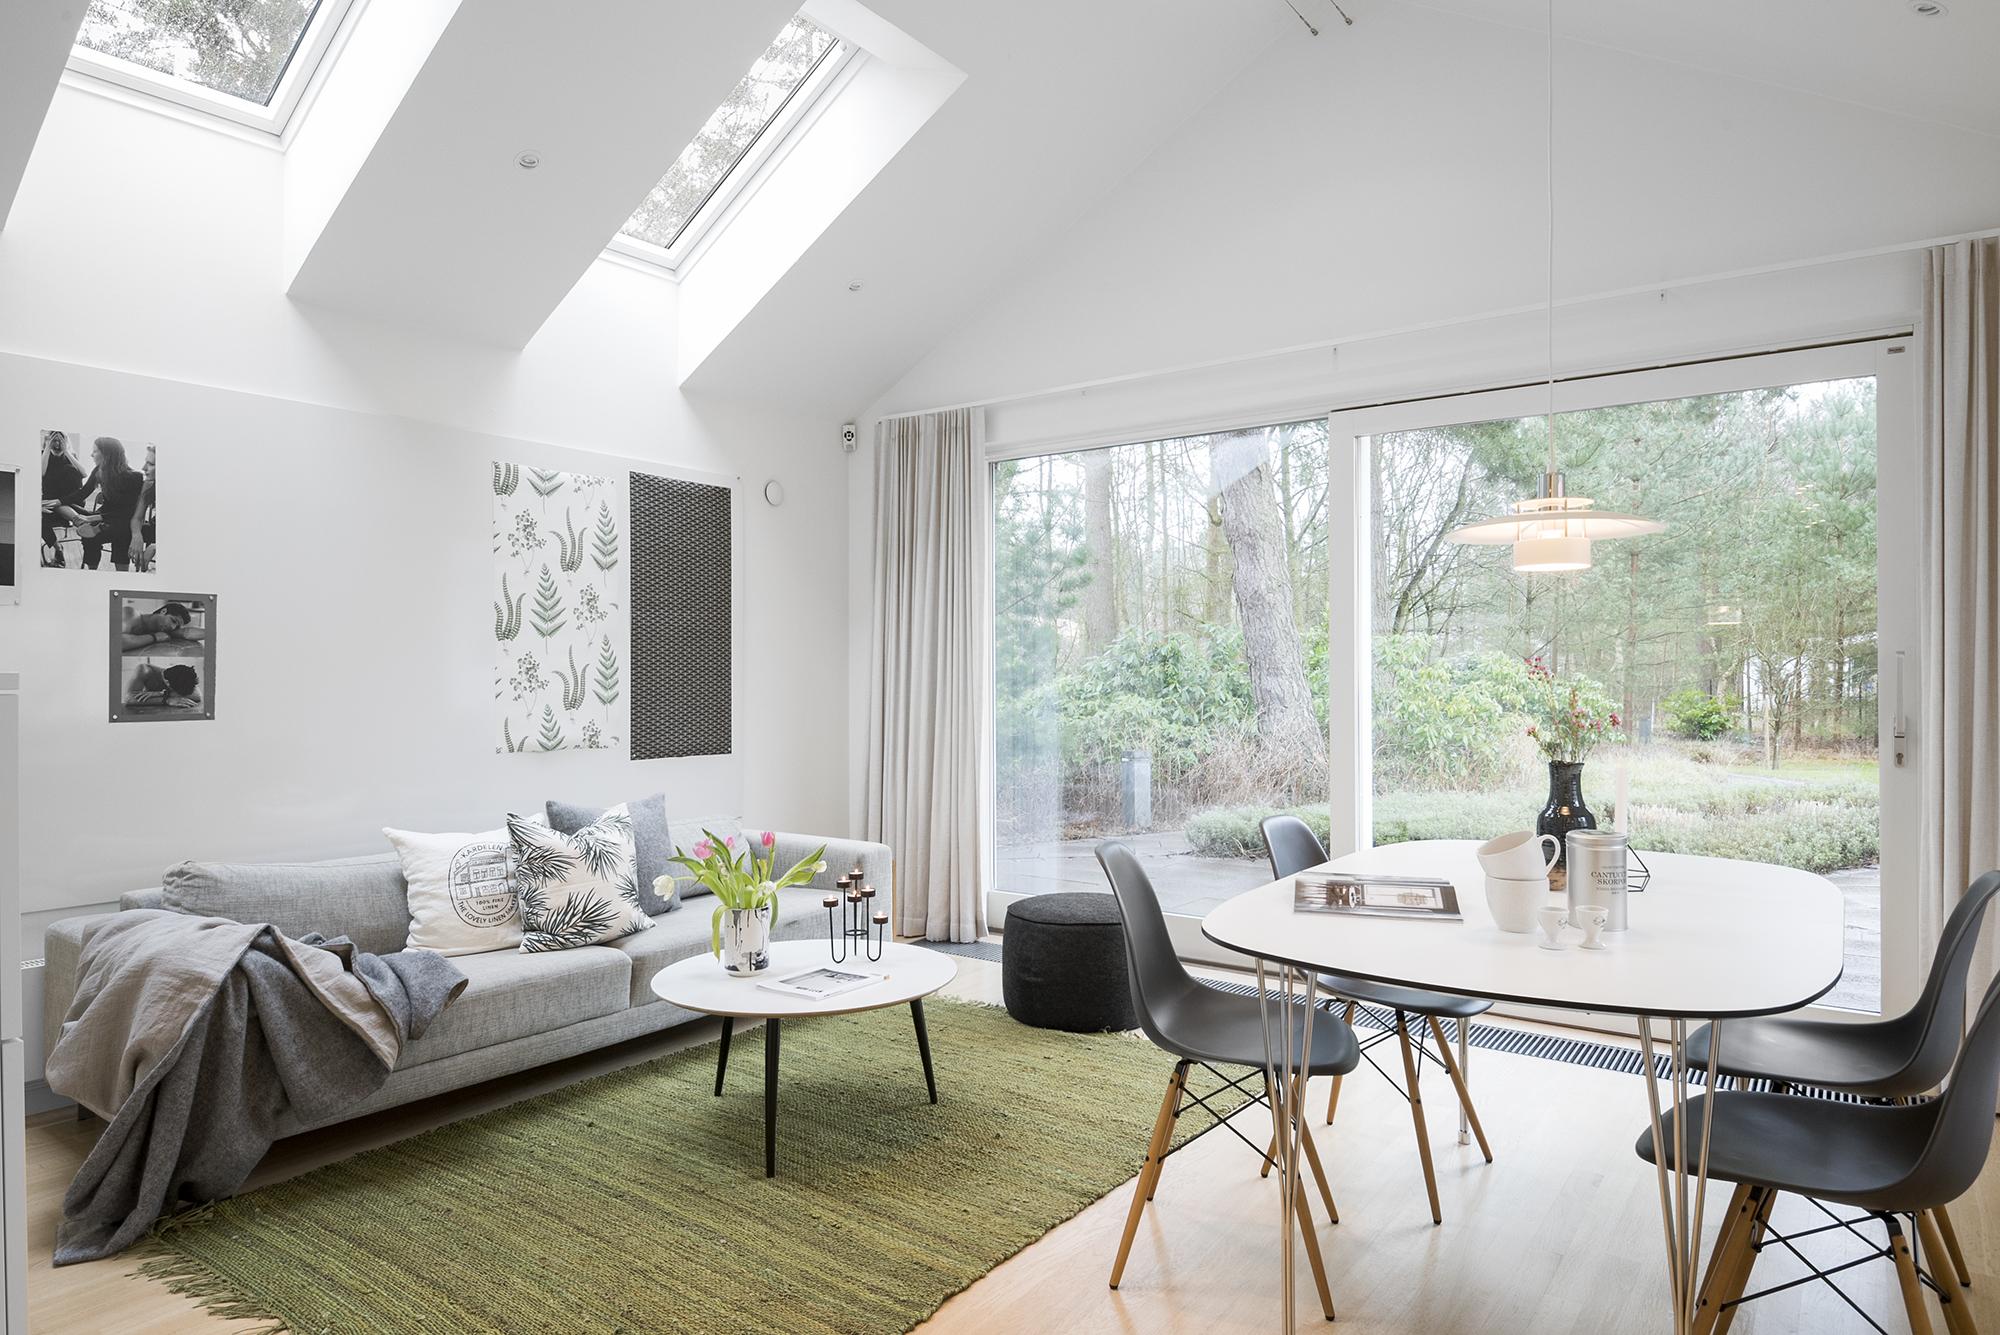 foto på vardagsum med stor ljus soffa och ett matbord med stolar